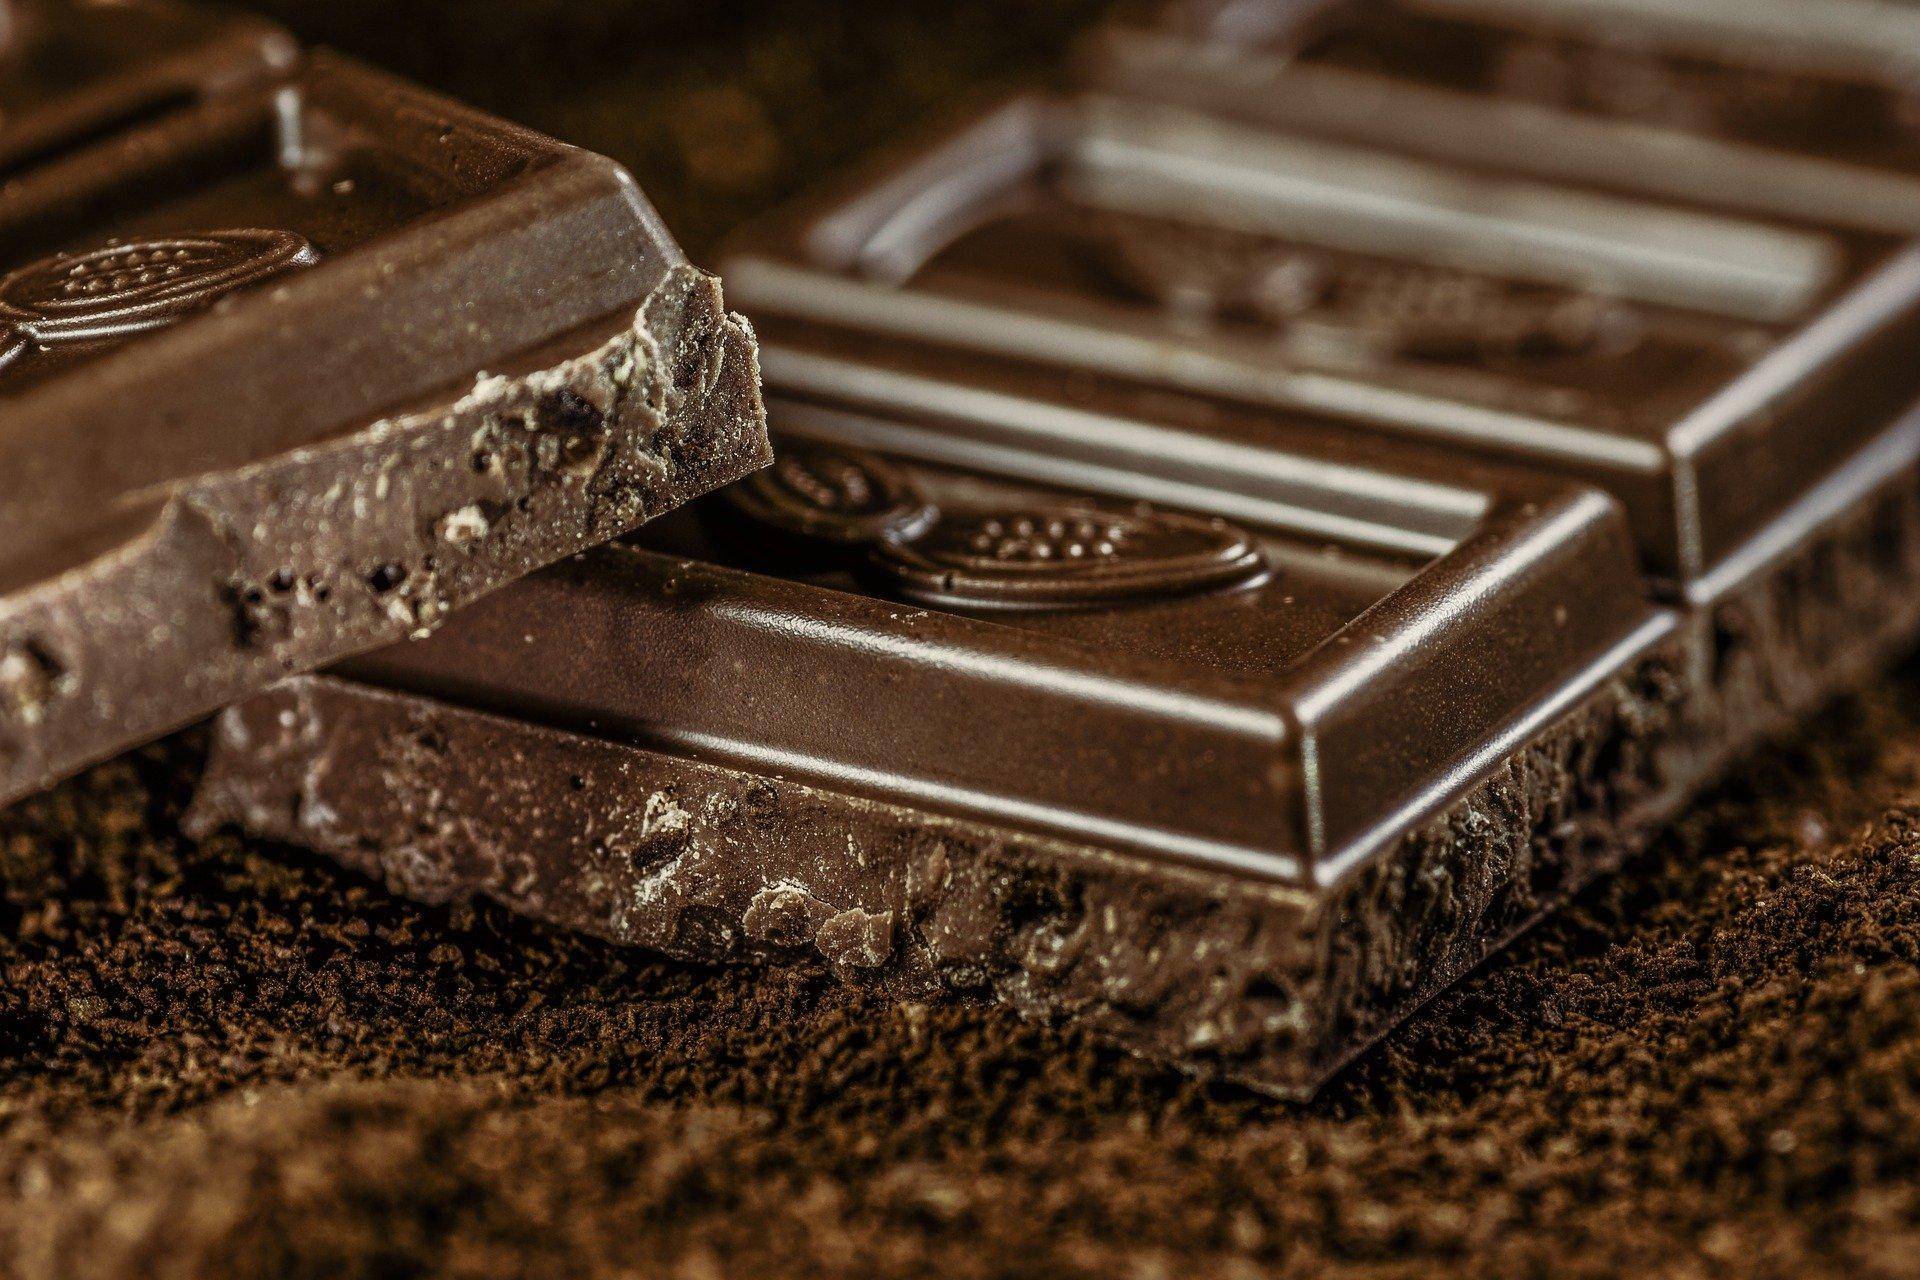 Imagem de duas barras de chocolate escurdo aerado. Elas estão dispostas uma sobre a outra.